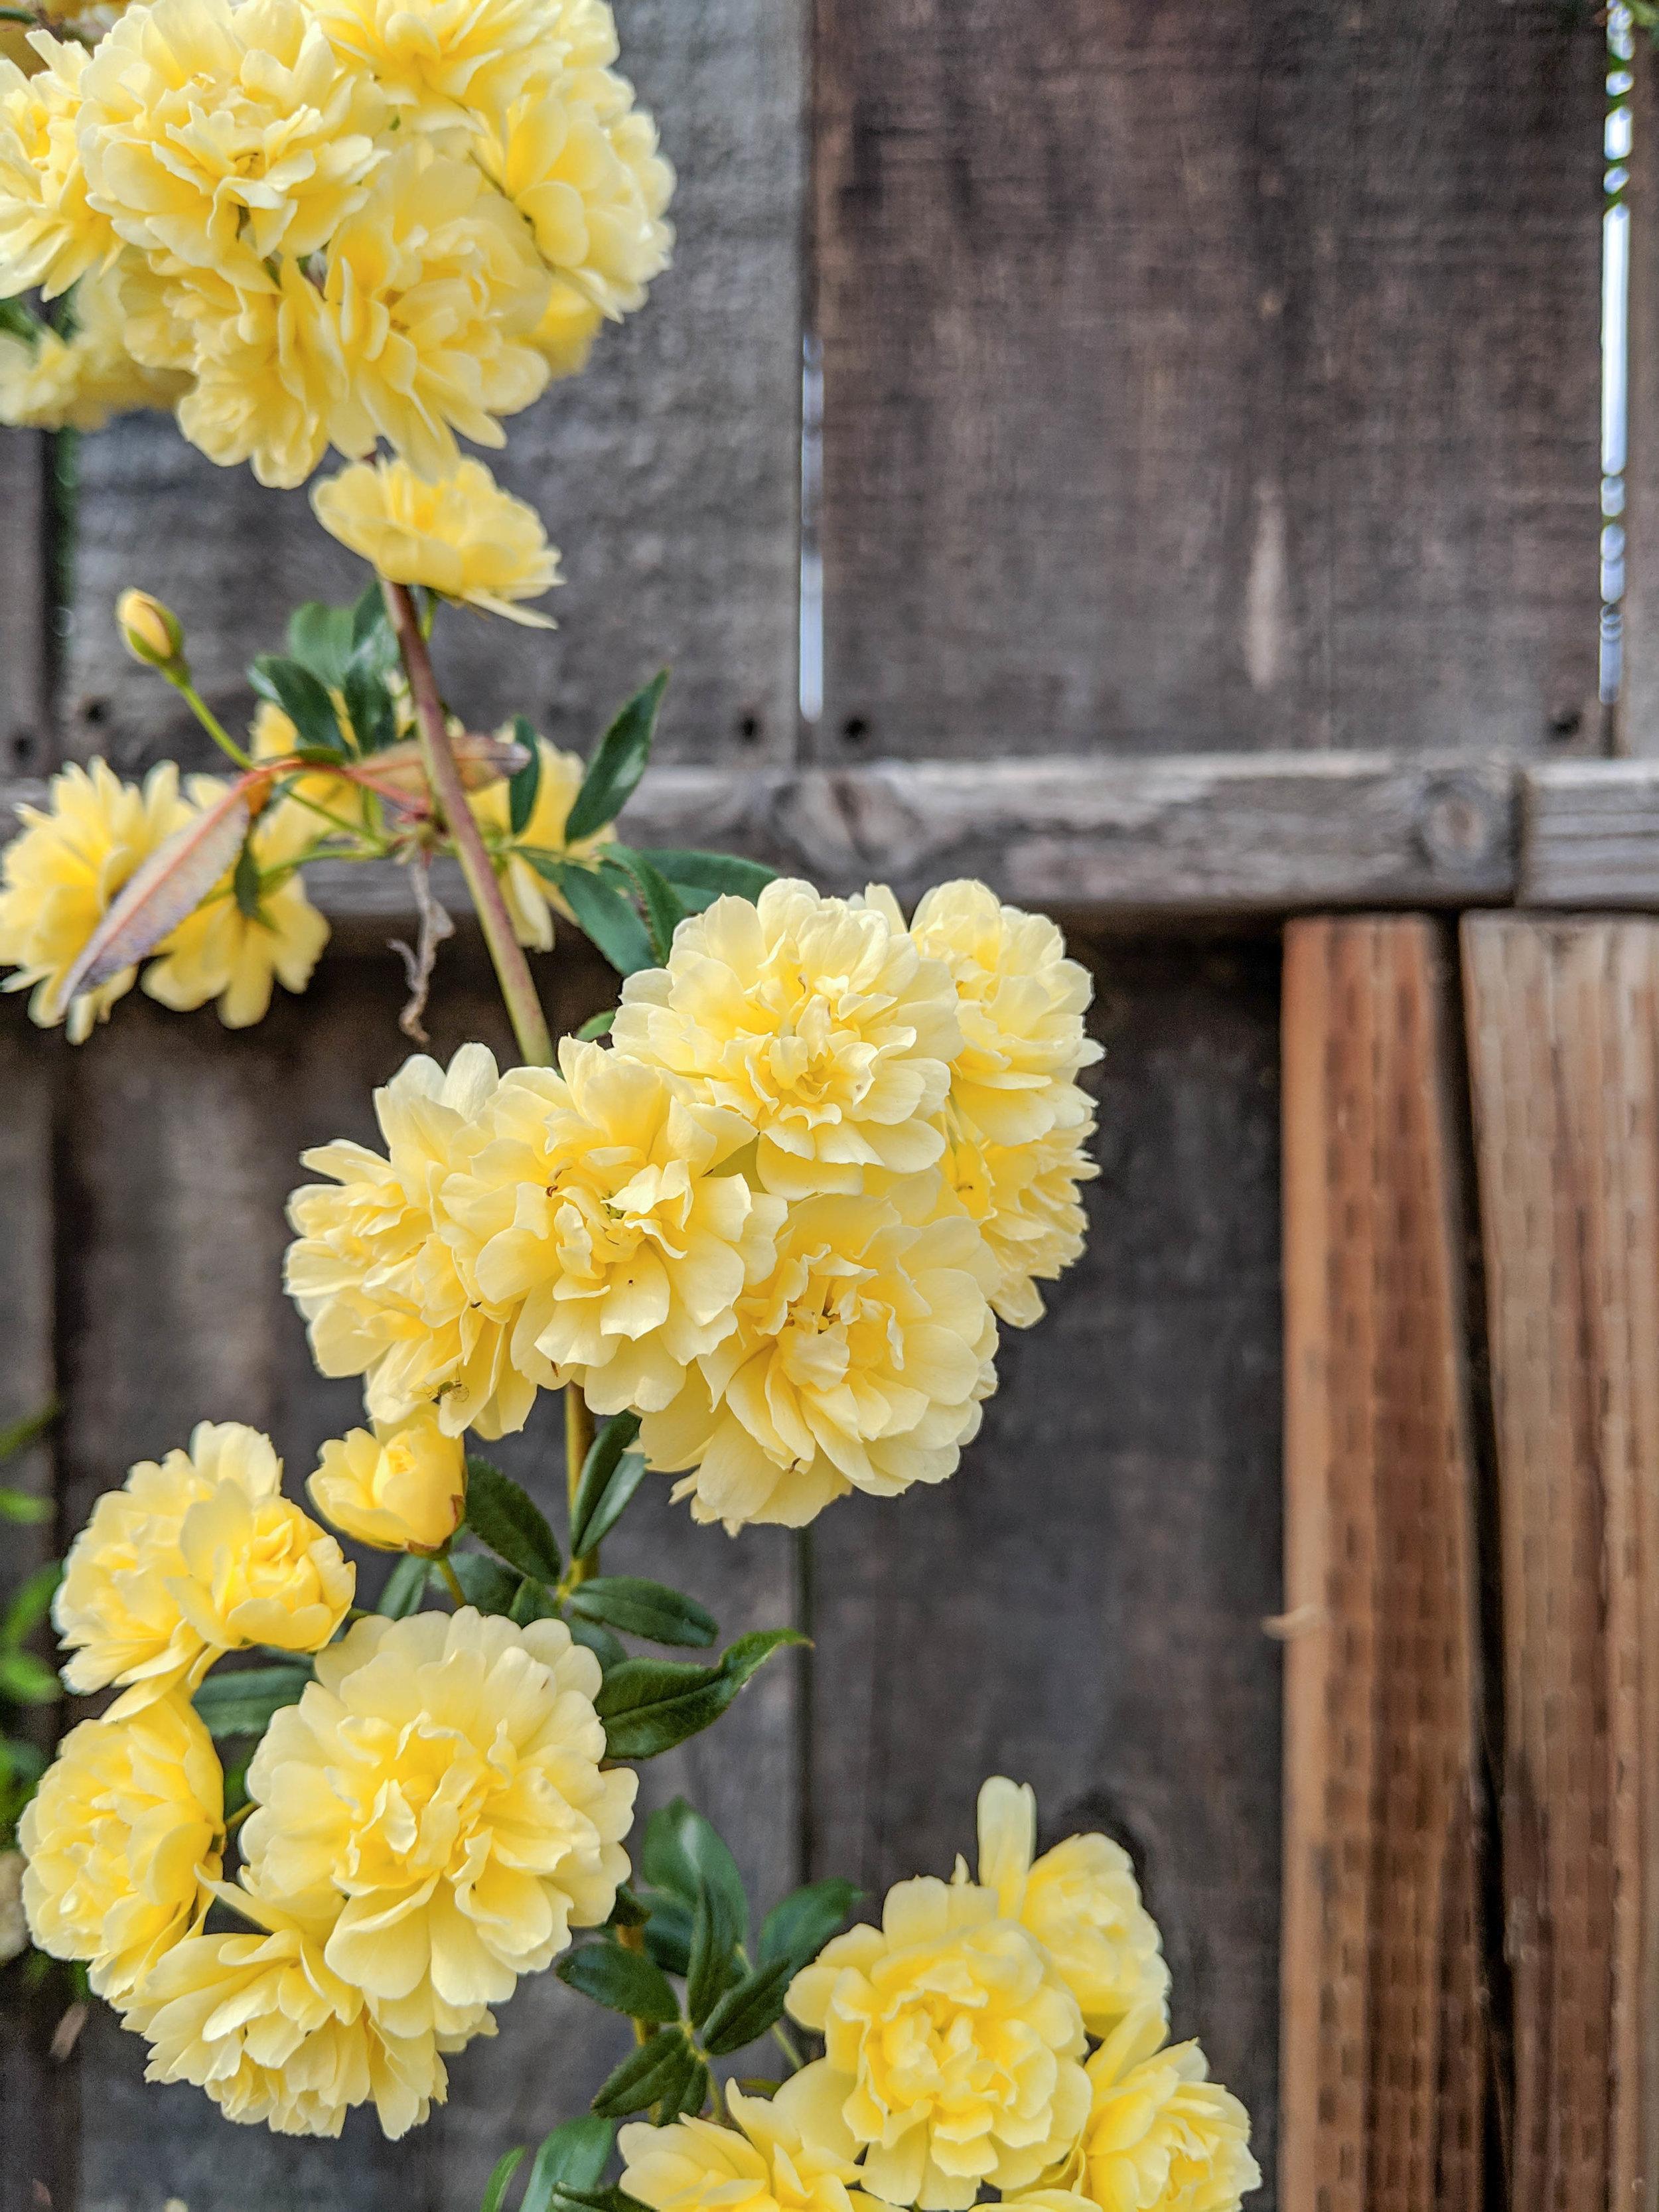 bri rinehart; photography; photography series; flowers; nature